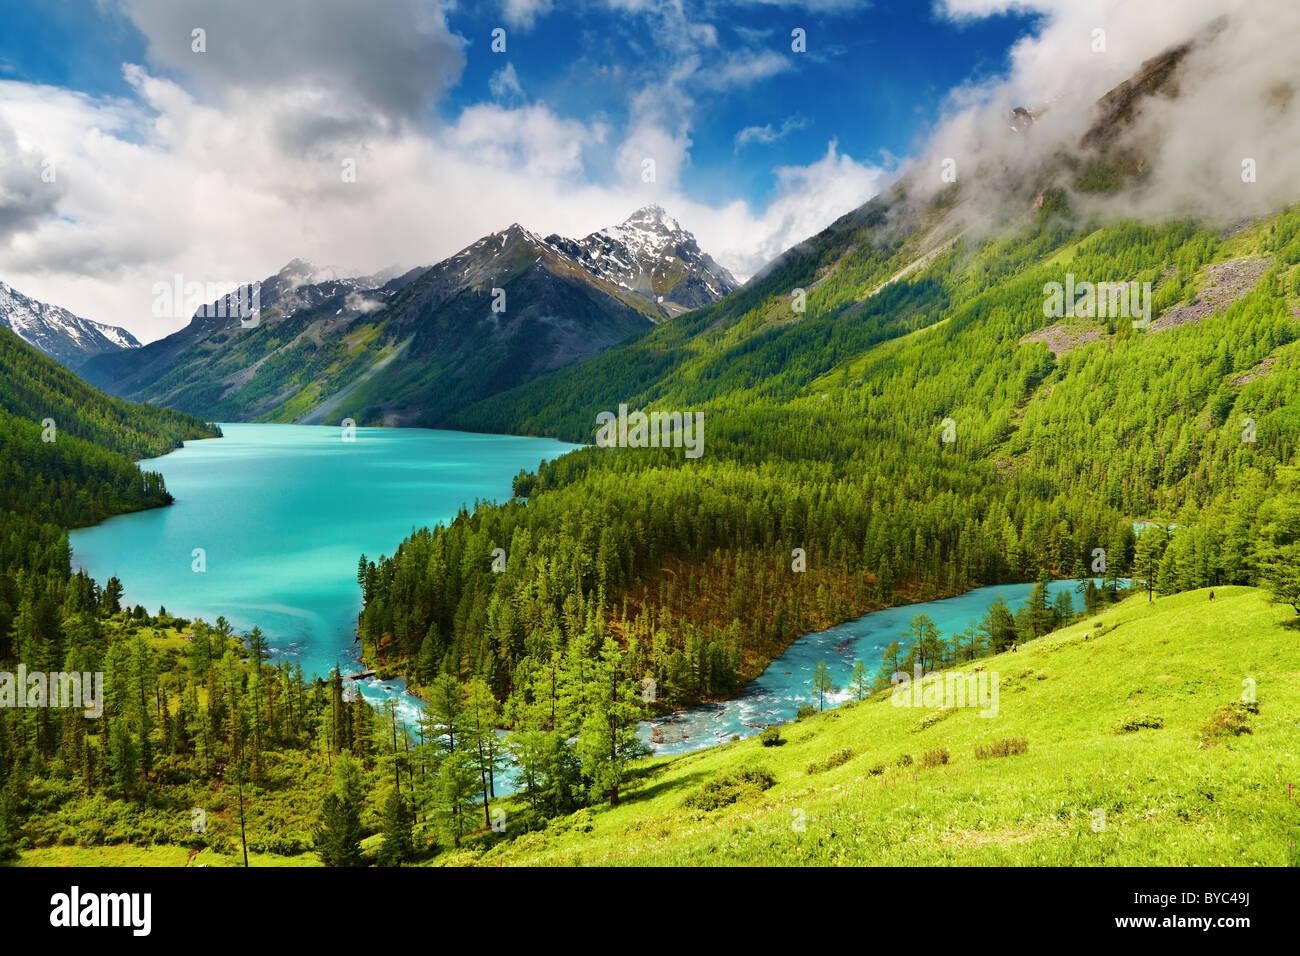 Beau lac turquoise en Kucherlinskoe montagnes de l'Altaï Photo Stock